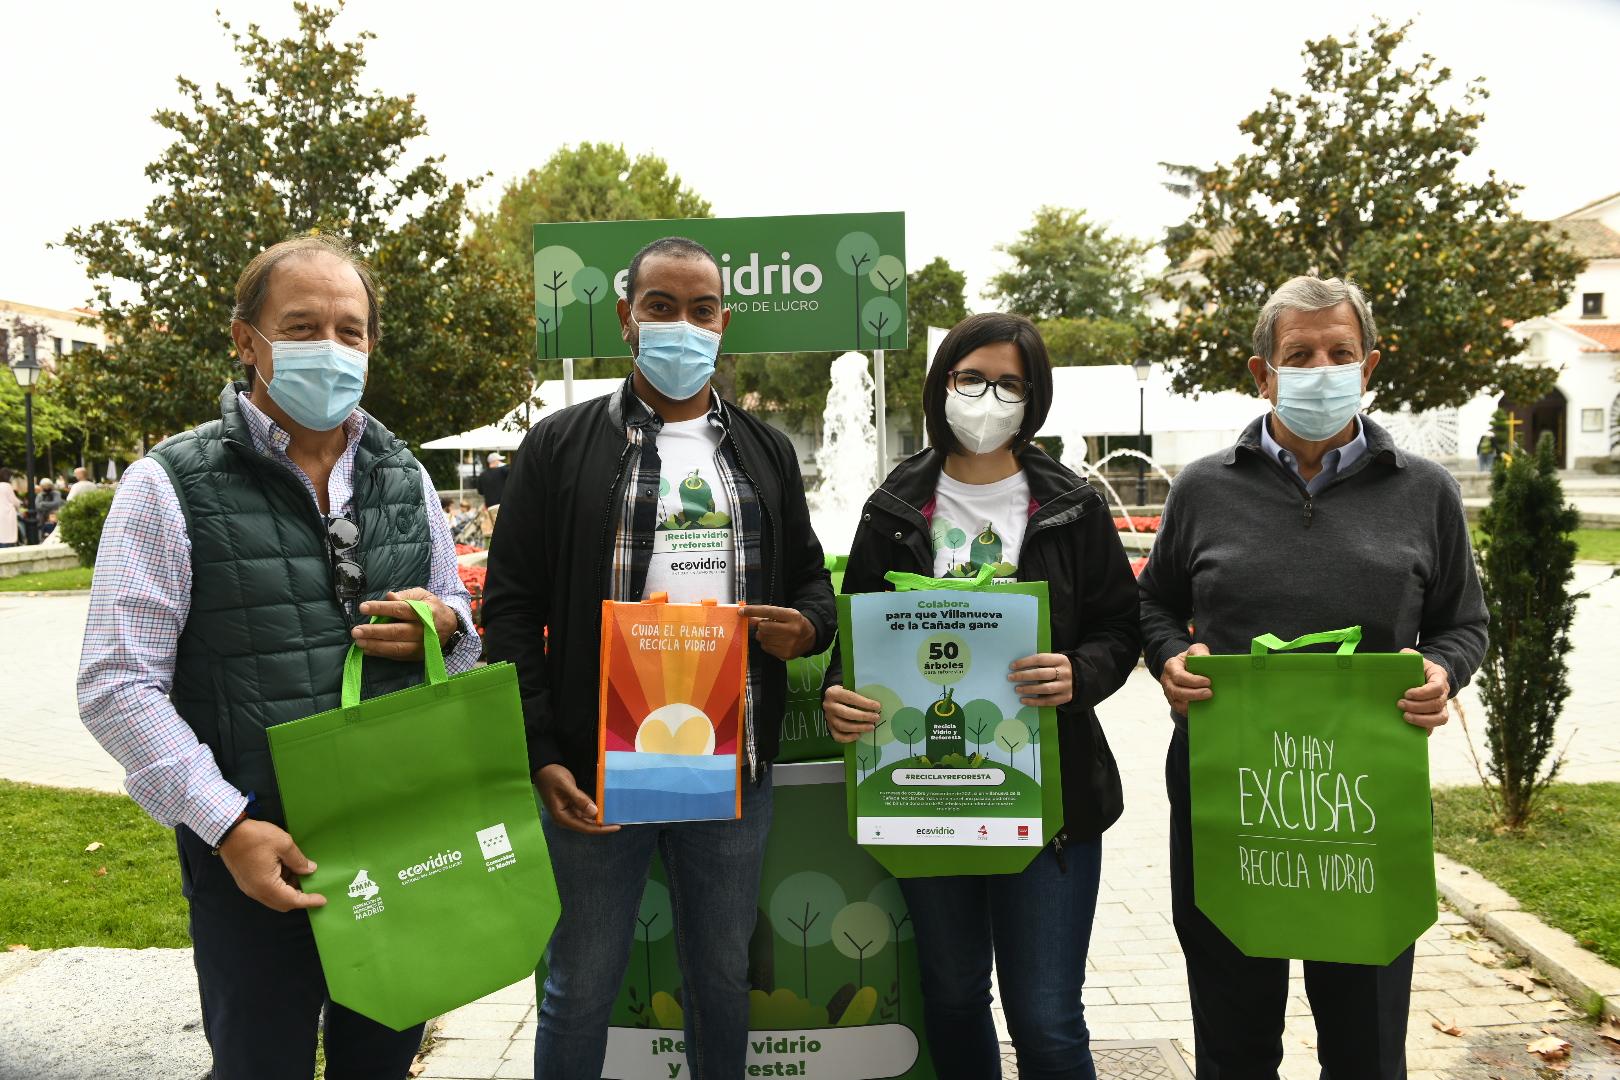 El alcalde y el concejal de Medio Ambiente posando junto a los dos educadores ambientales de Ecovidrio.